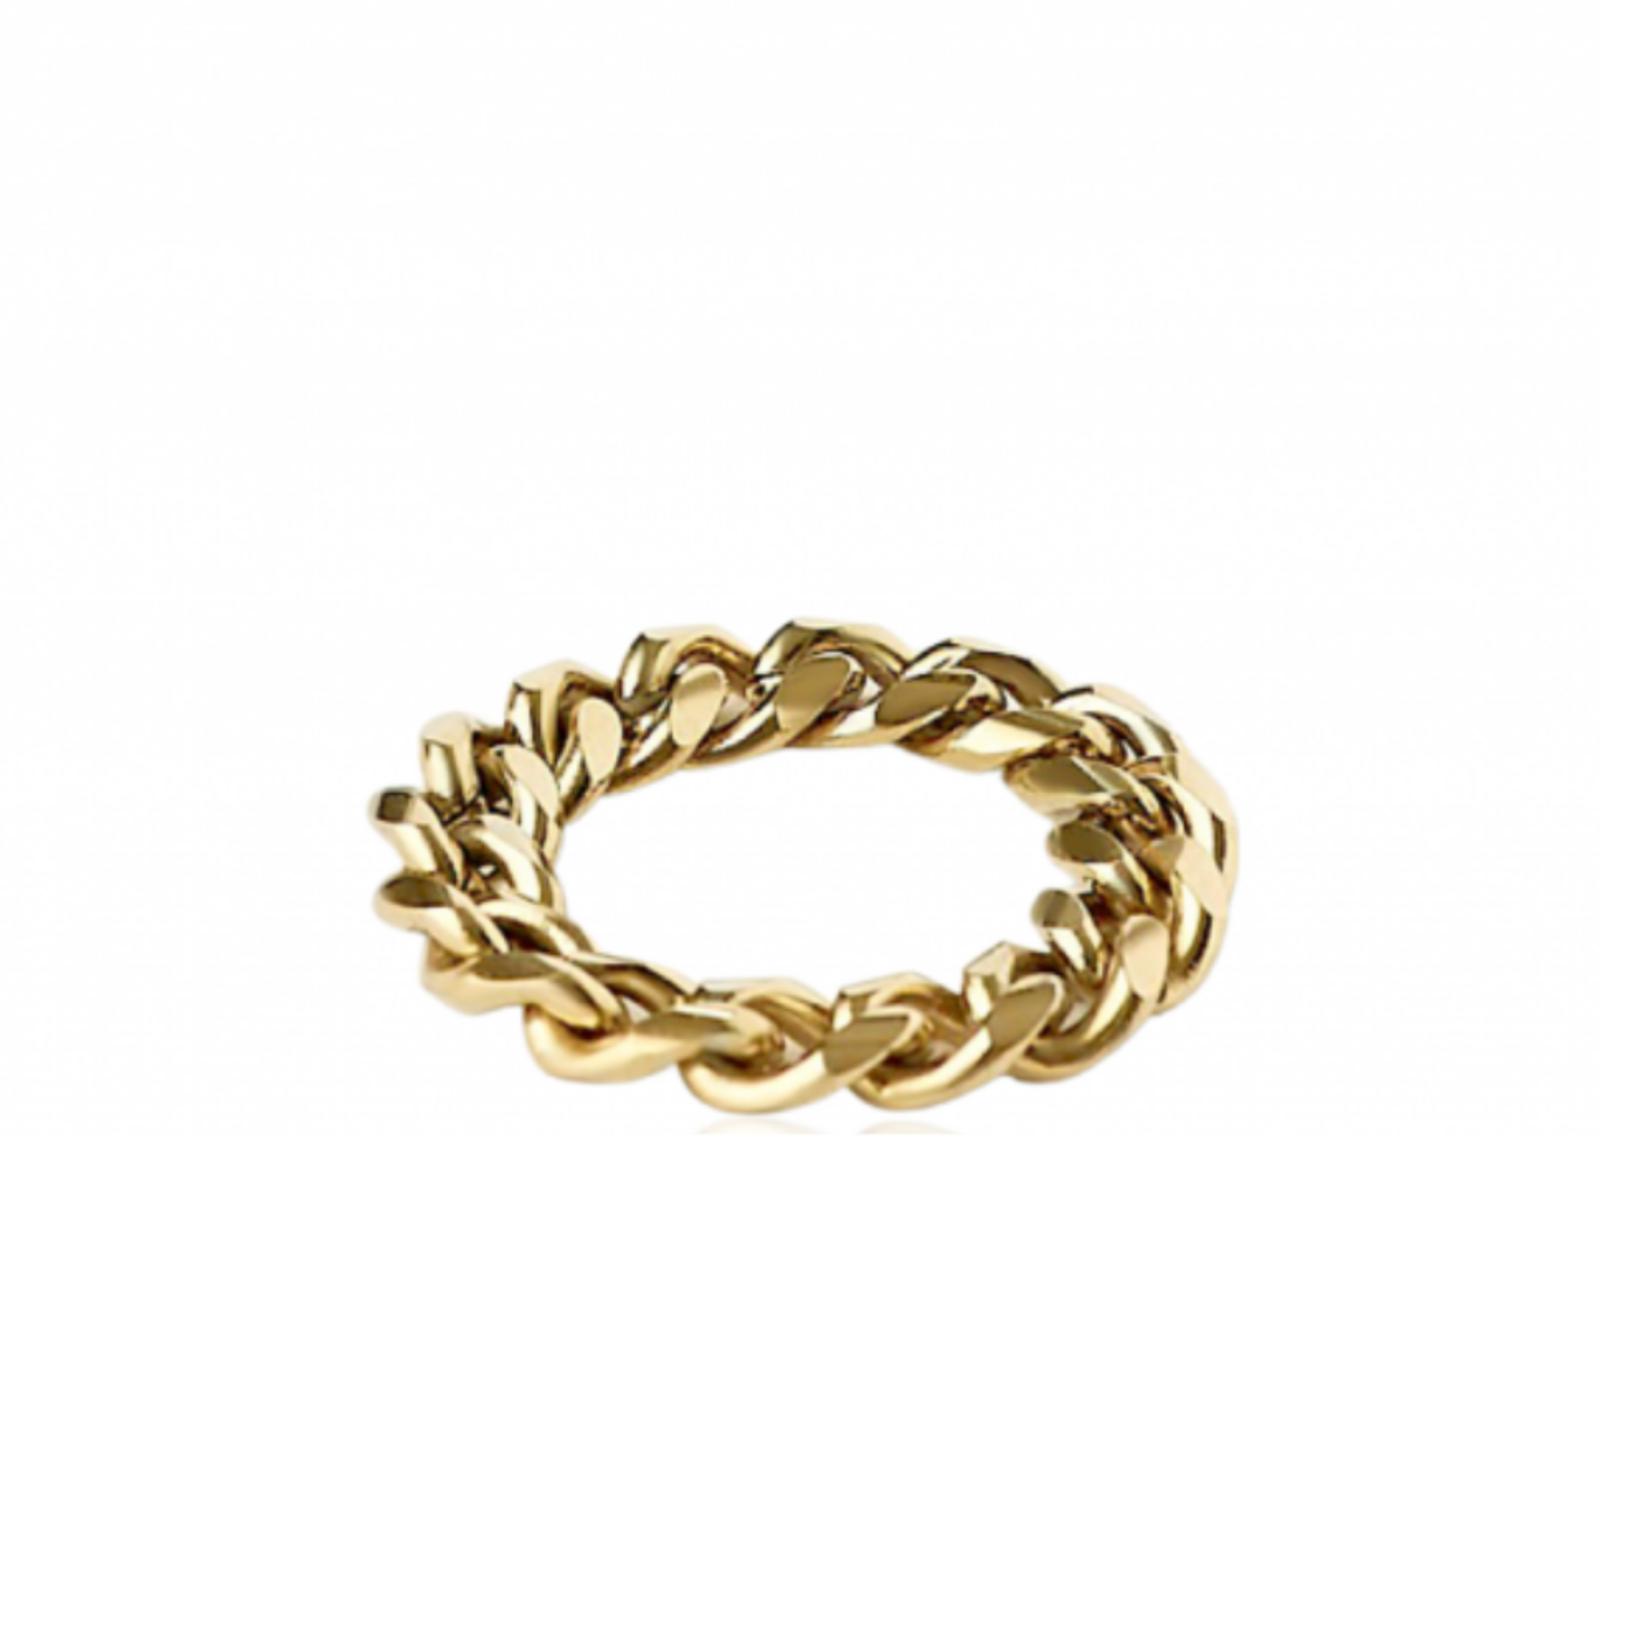 Simplicité Chain Ring